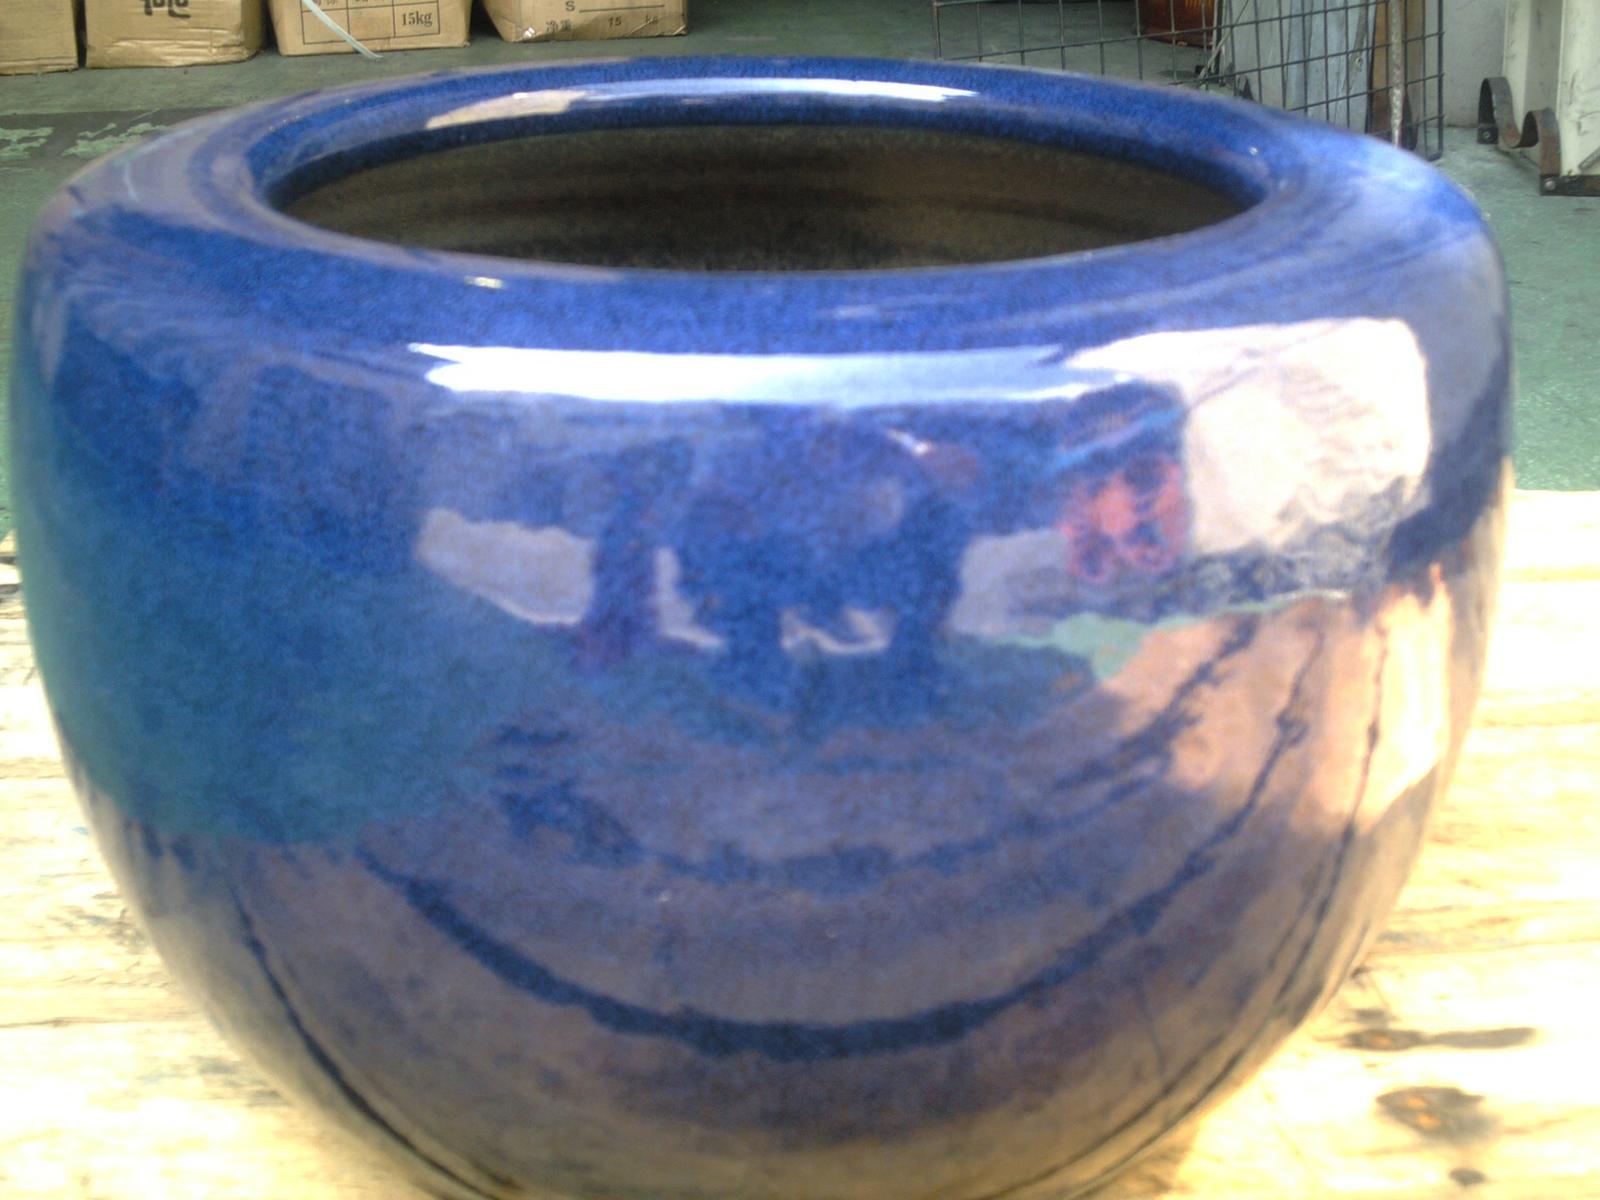 火鉢セット5点セット(15号W45cm×H29cm火鉢、灰5kg、火鉢、灰ならし、五徳)